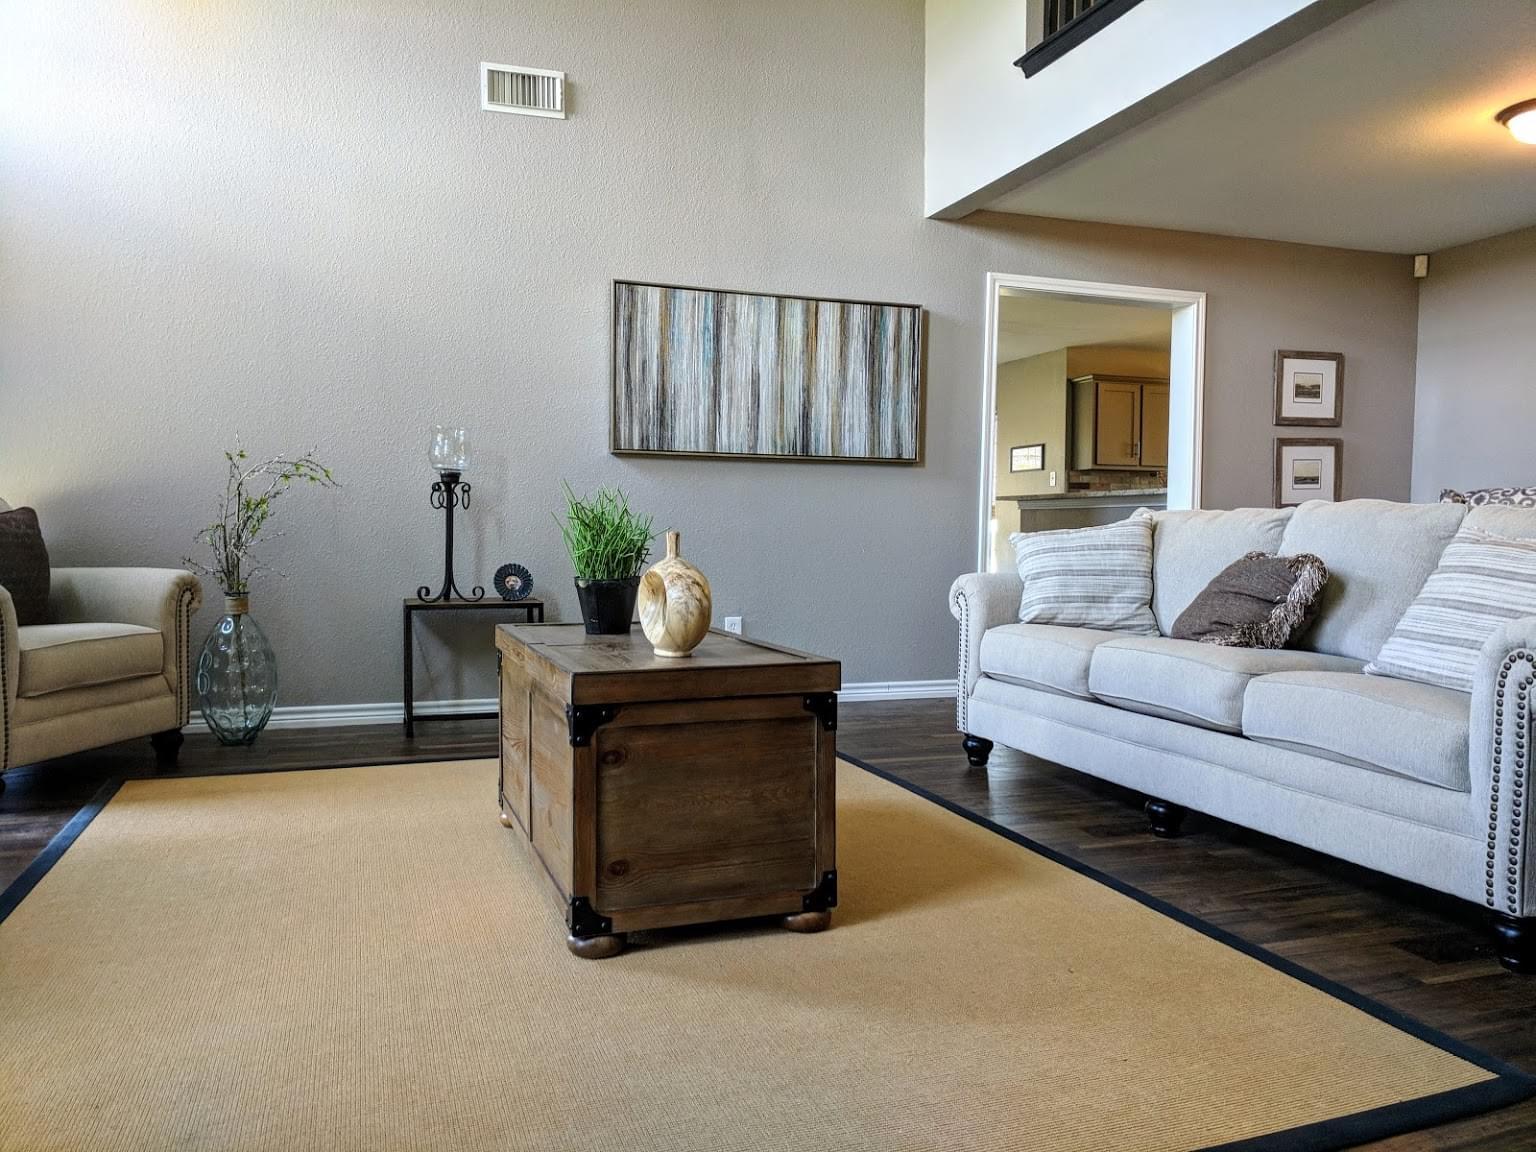 United Built Homes Custom Home Builder in Terrell, TX